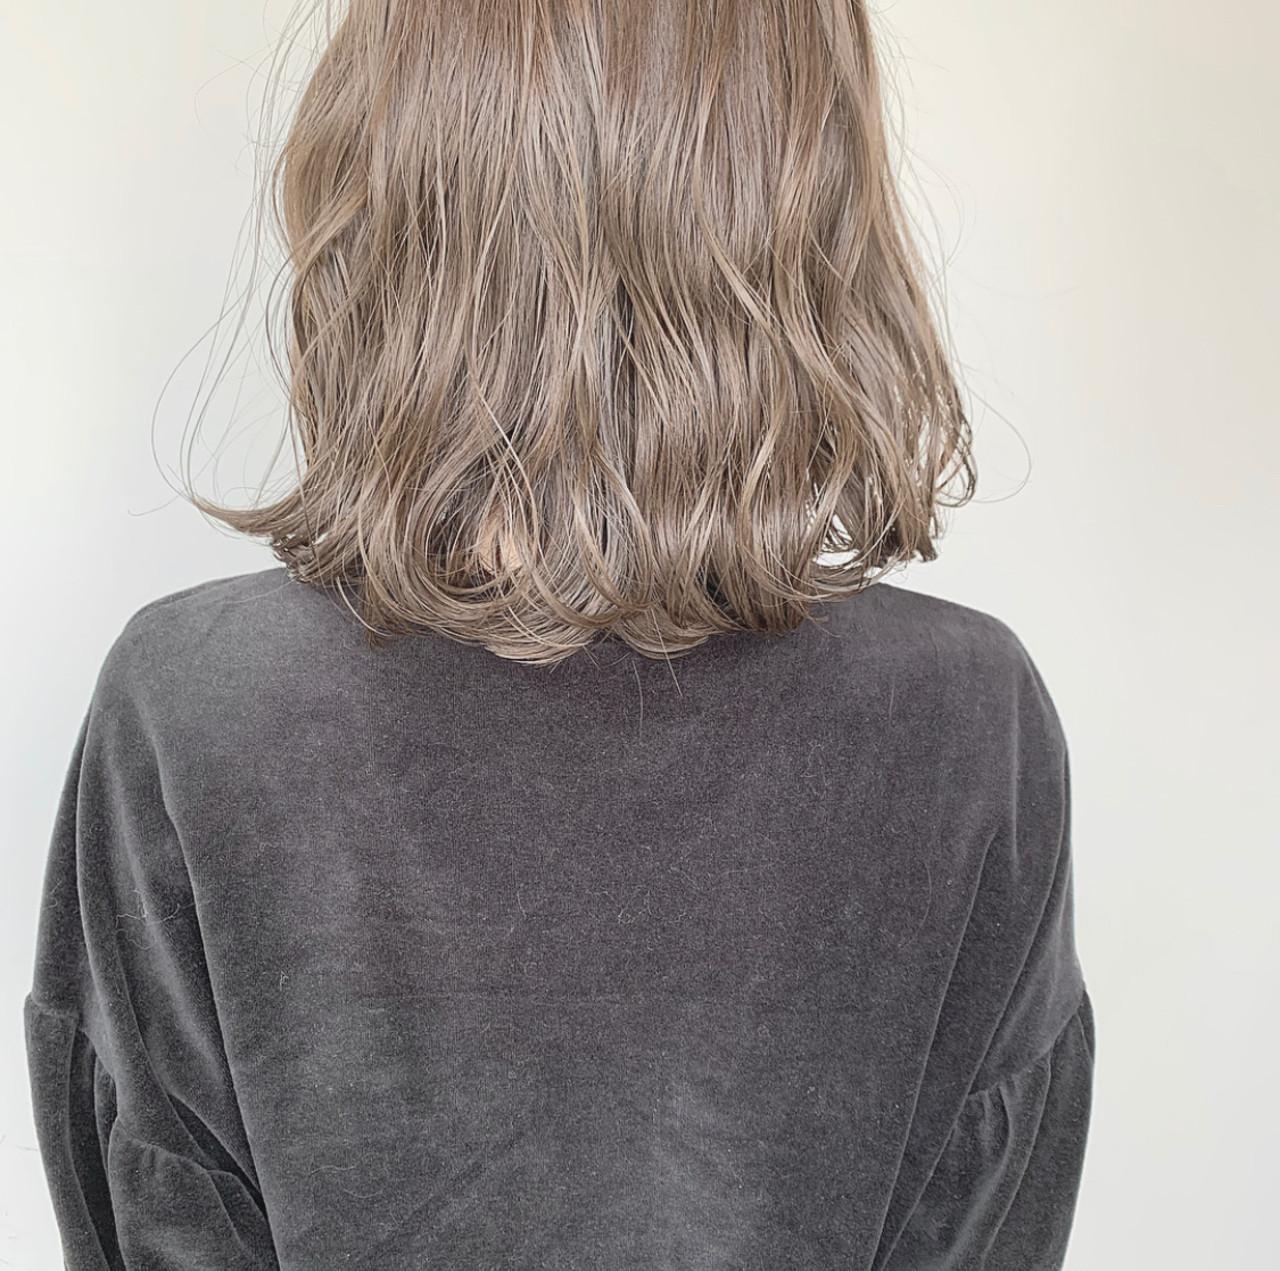 大人かわいい シアーベージュ アンニュイほつれヘア 外国人風カラー ヘアスタイルや髪型の写真・画像